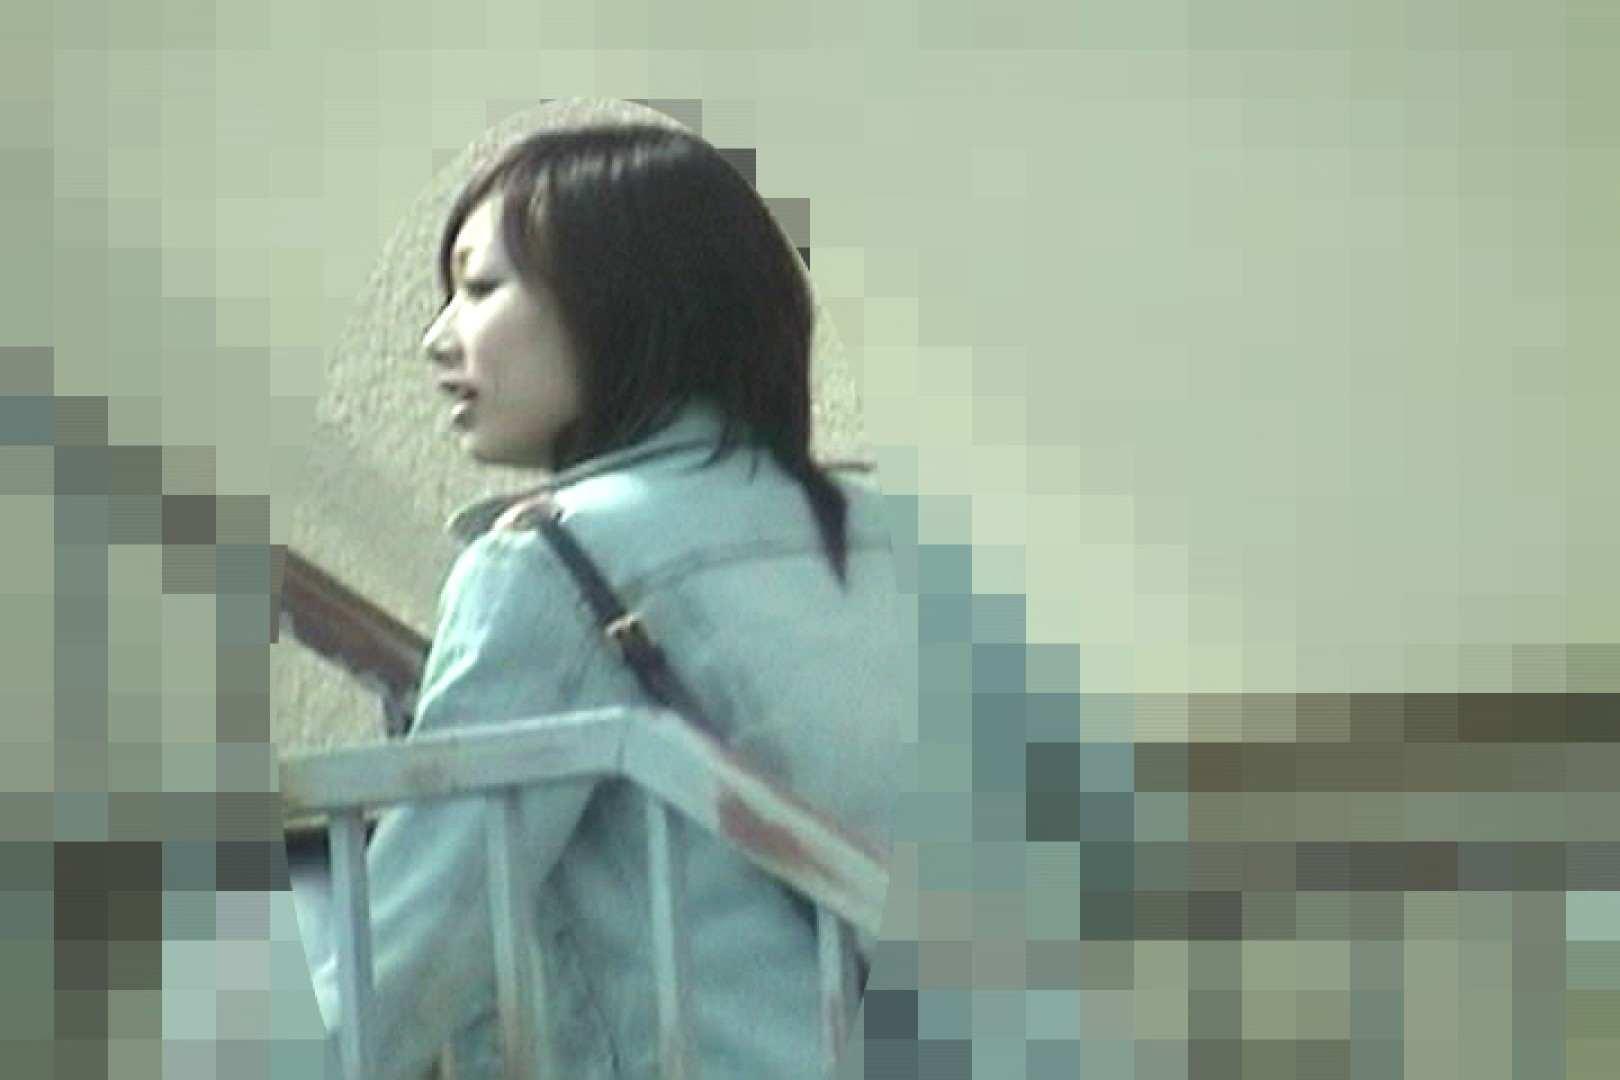 Aquaな露天風呂Vol.58【VIP限定】 美しいOLの裸体  97pic 3